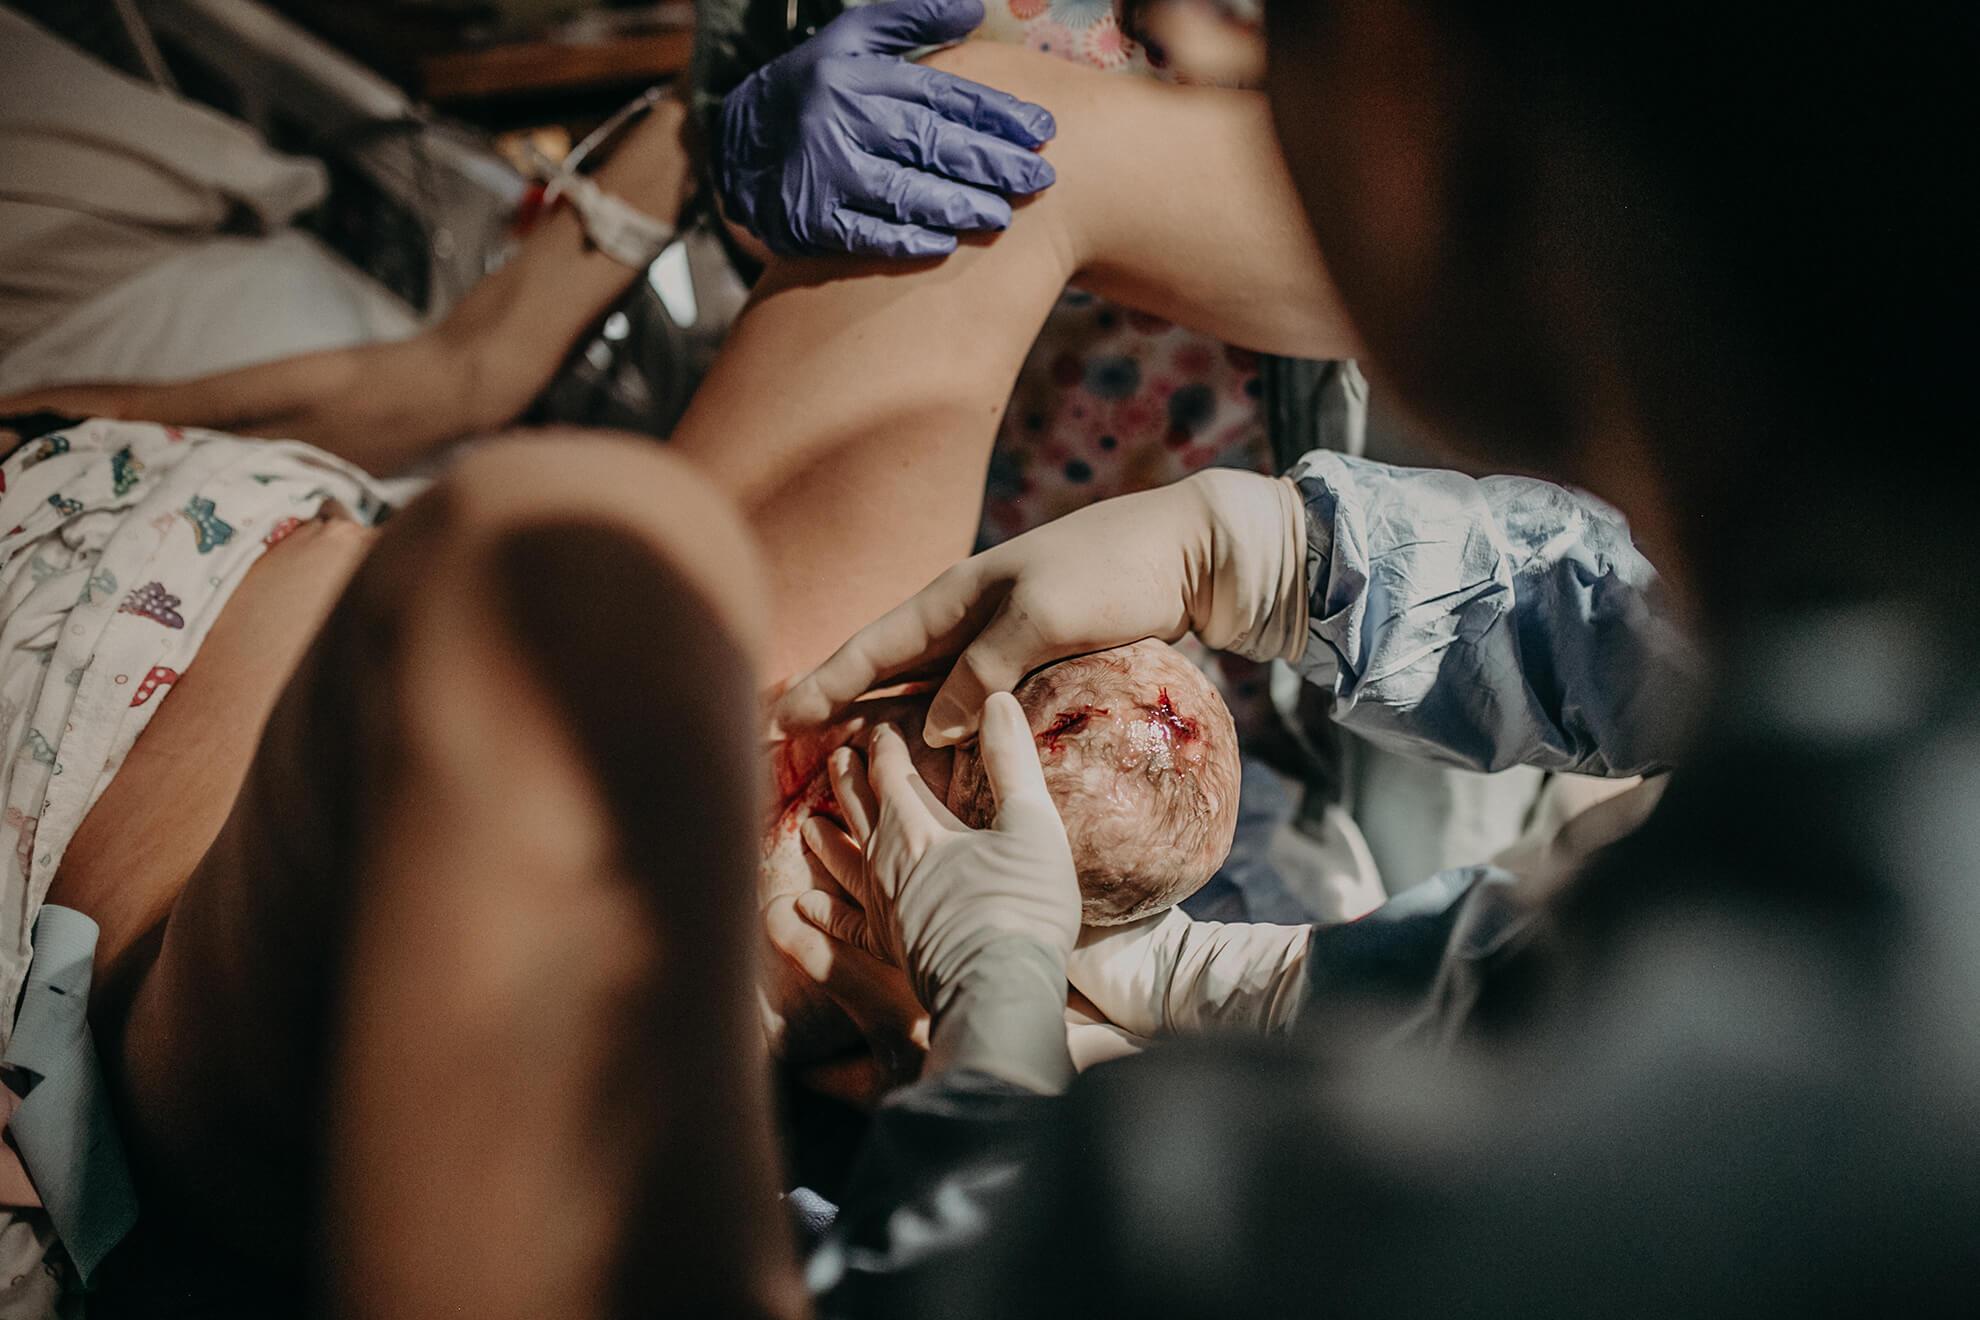 Parto vaginal con cabeza de bebé